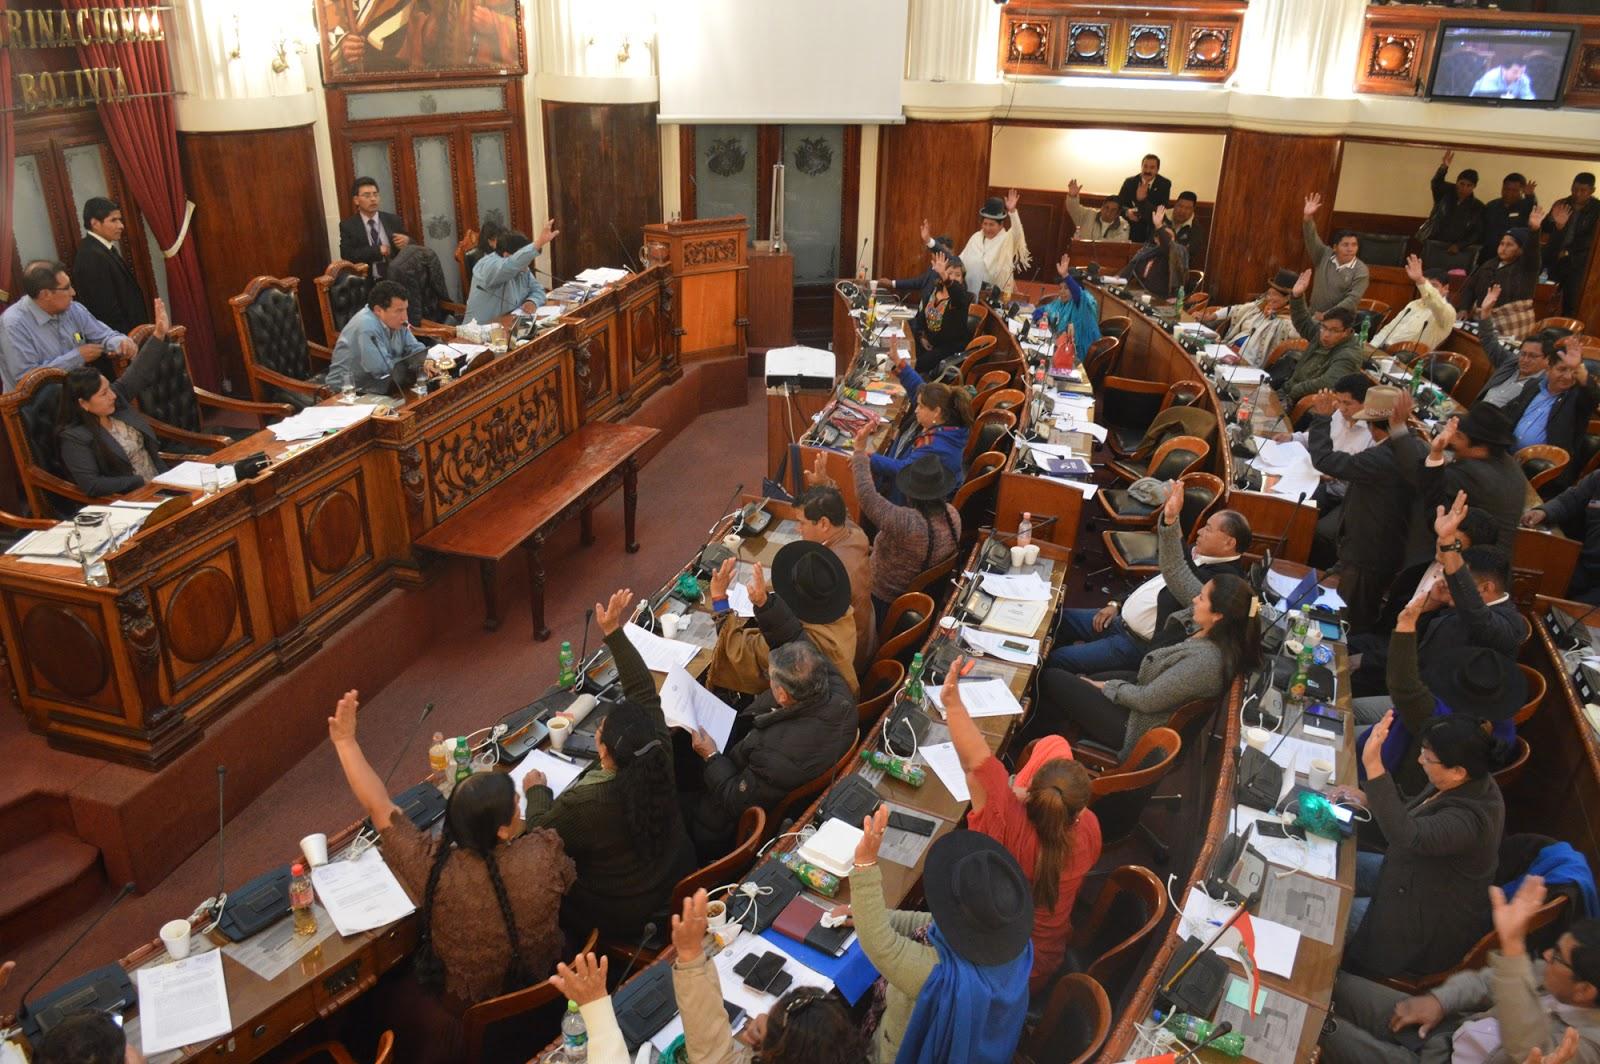 Diputados analizarán cada una de las 13 leyes que incluyeron la obligación de difundir mensajes gratuitos en medios de comunicación / DIPUTADOS